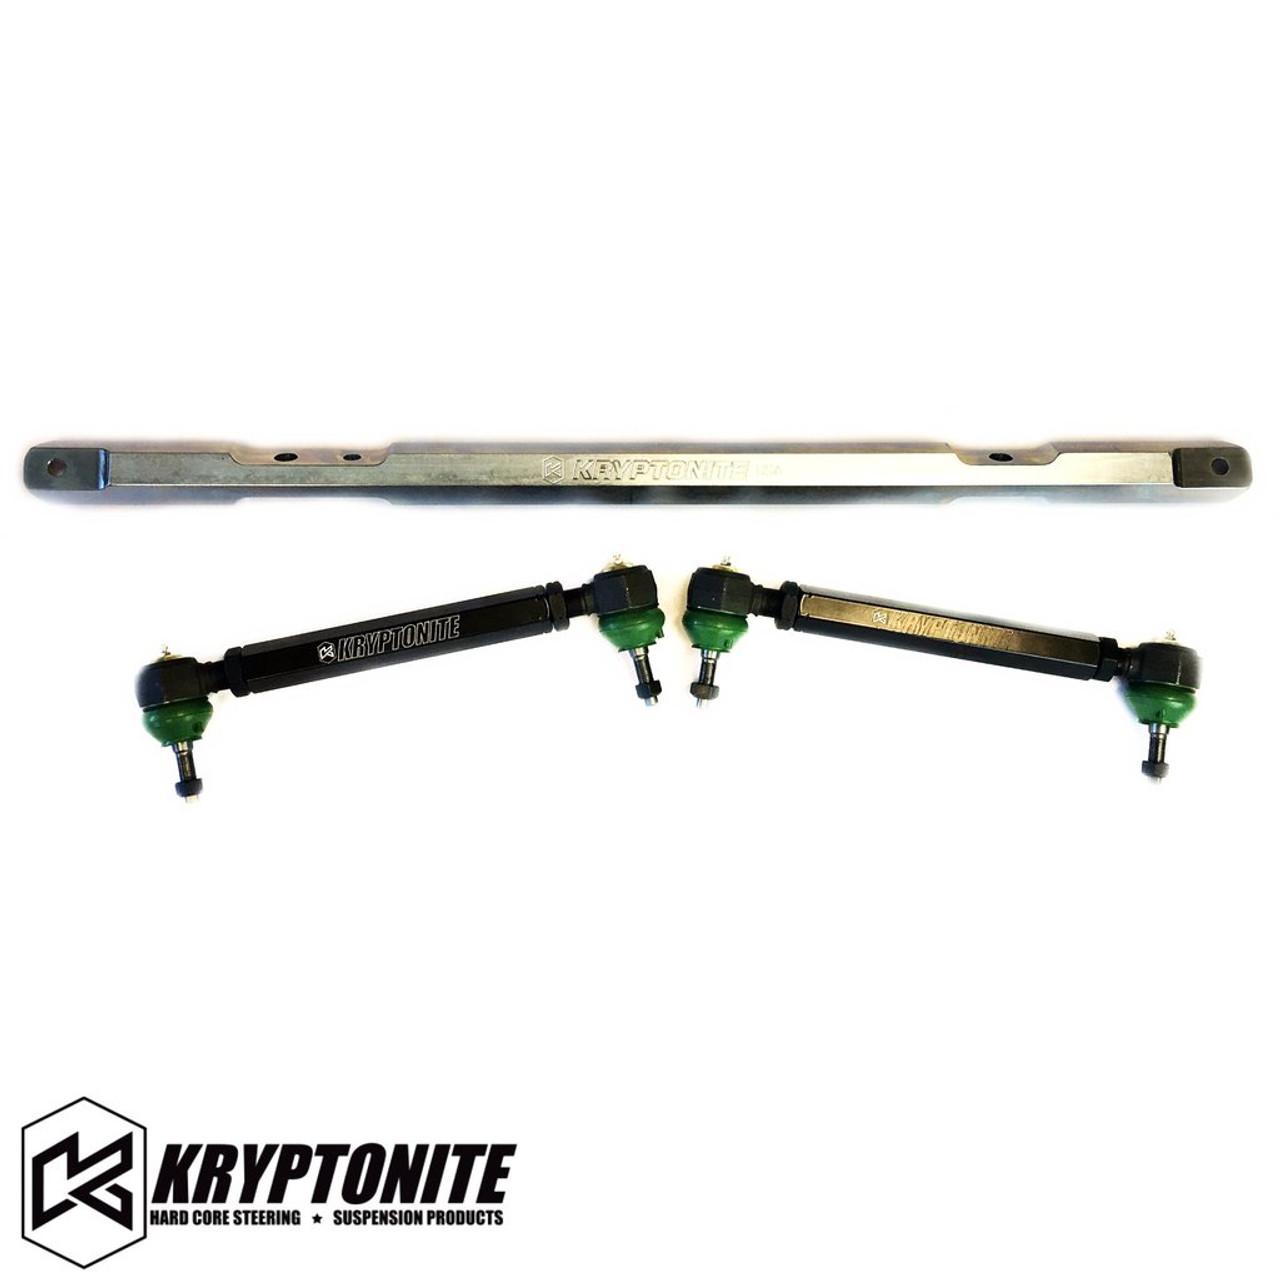 Kryptonite SS Series Centerlink Tie Rod Package